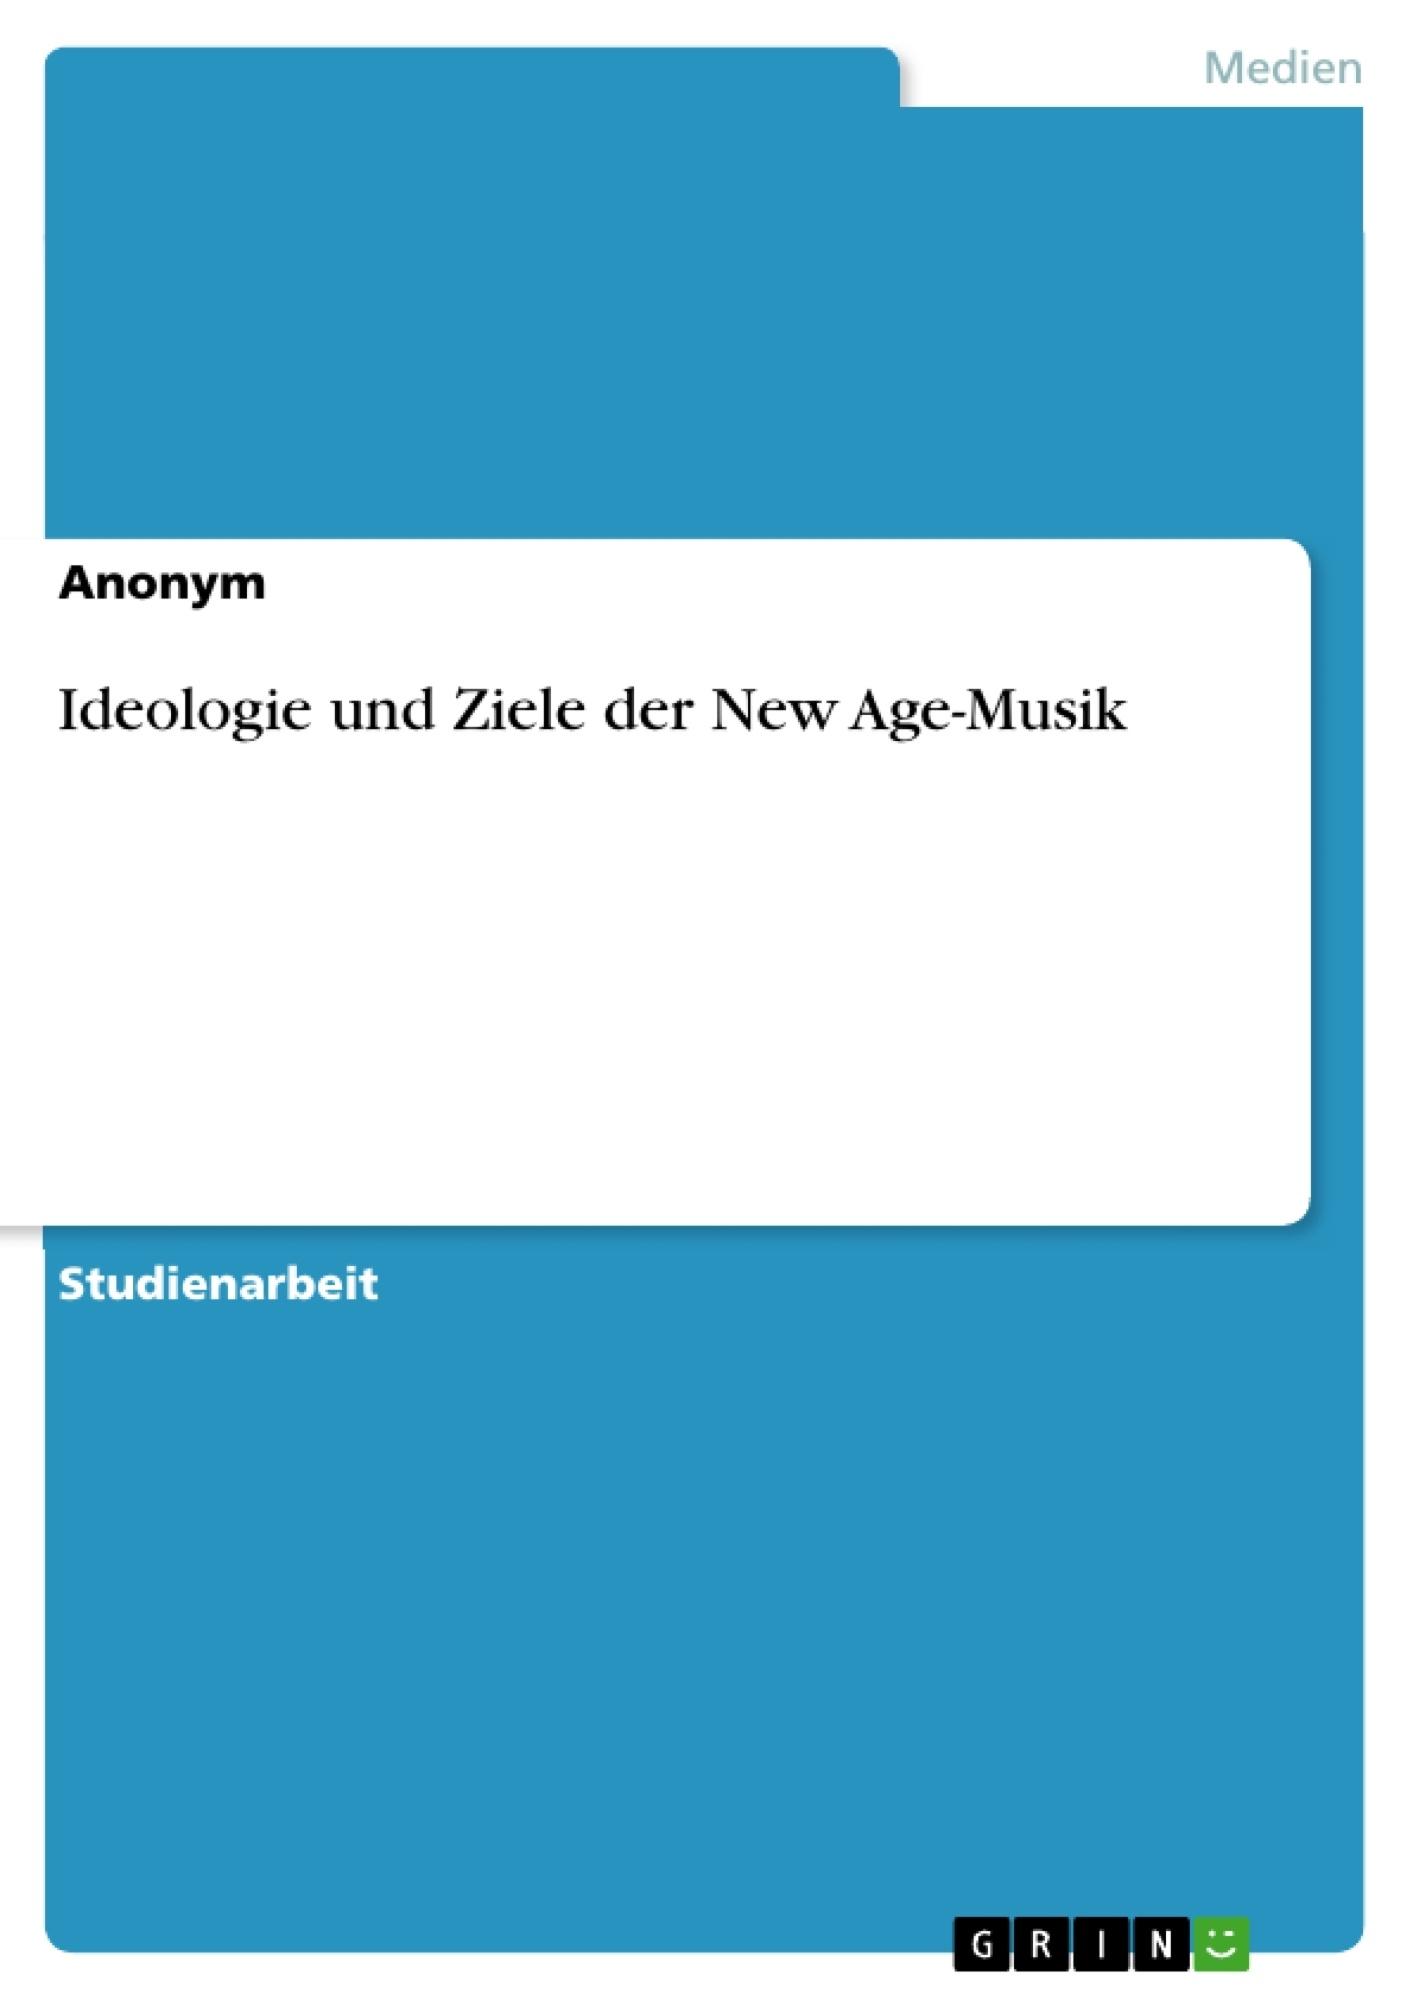 Titel: Ideologie und Ziele der New Age-Musik